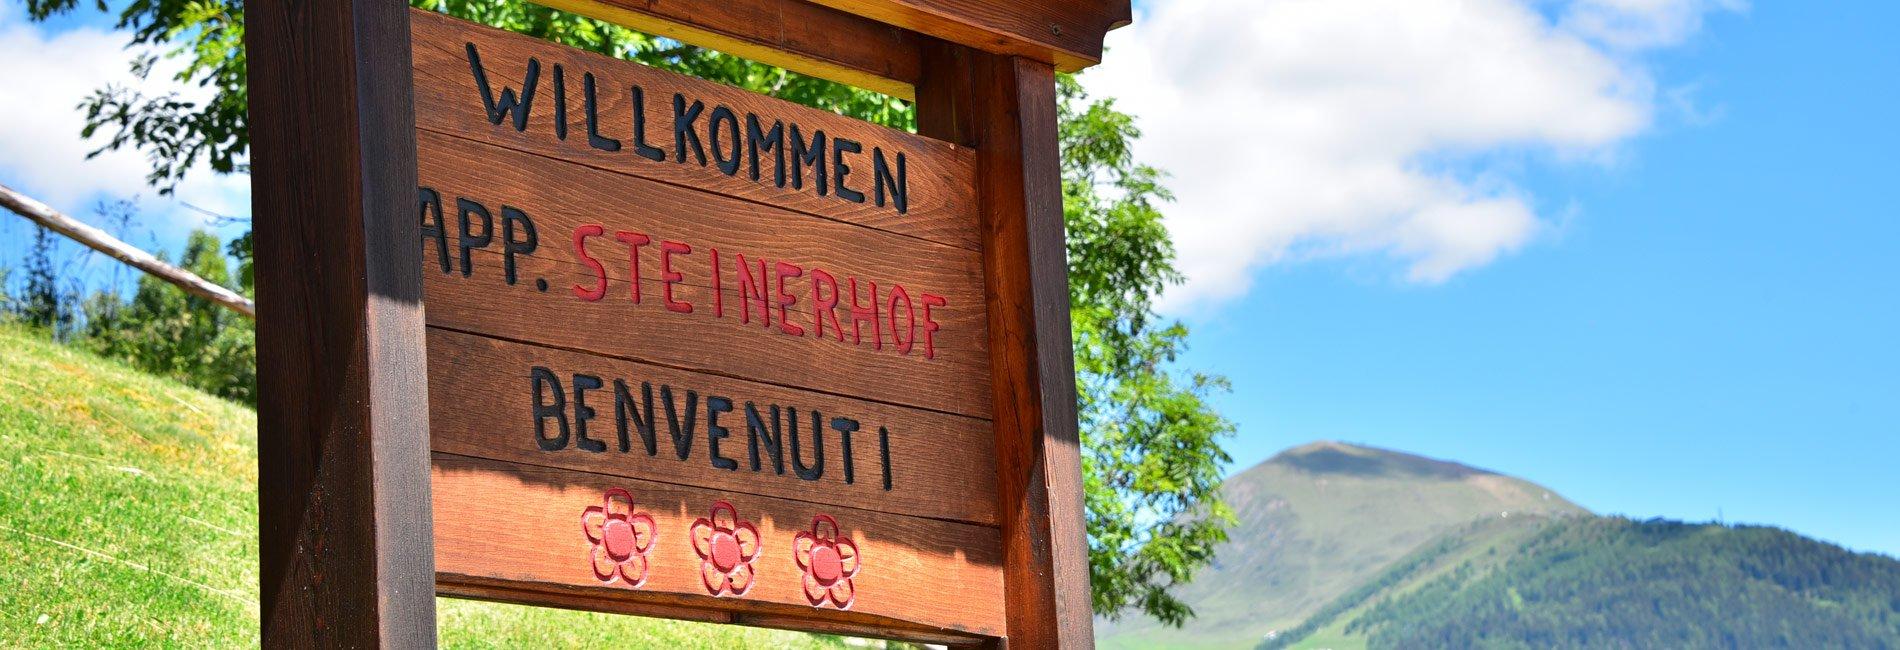 steinerhof-meransen-05